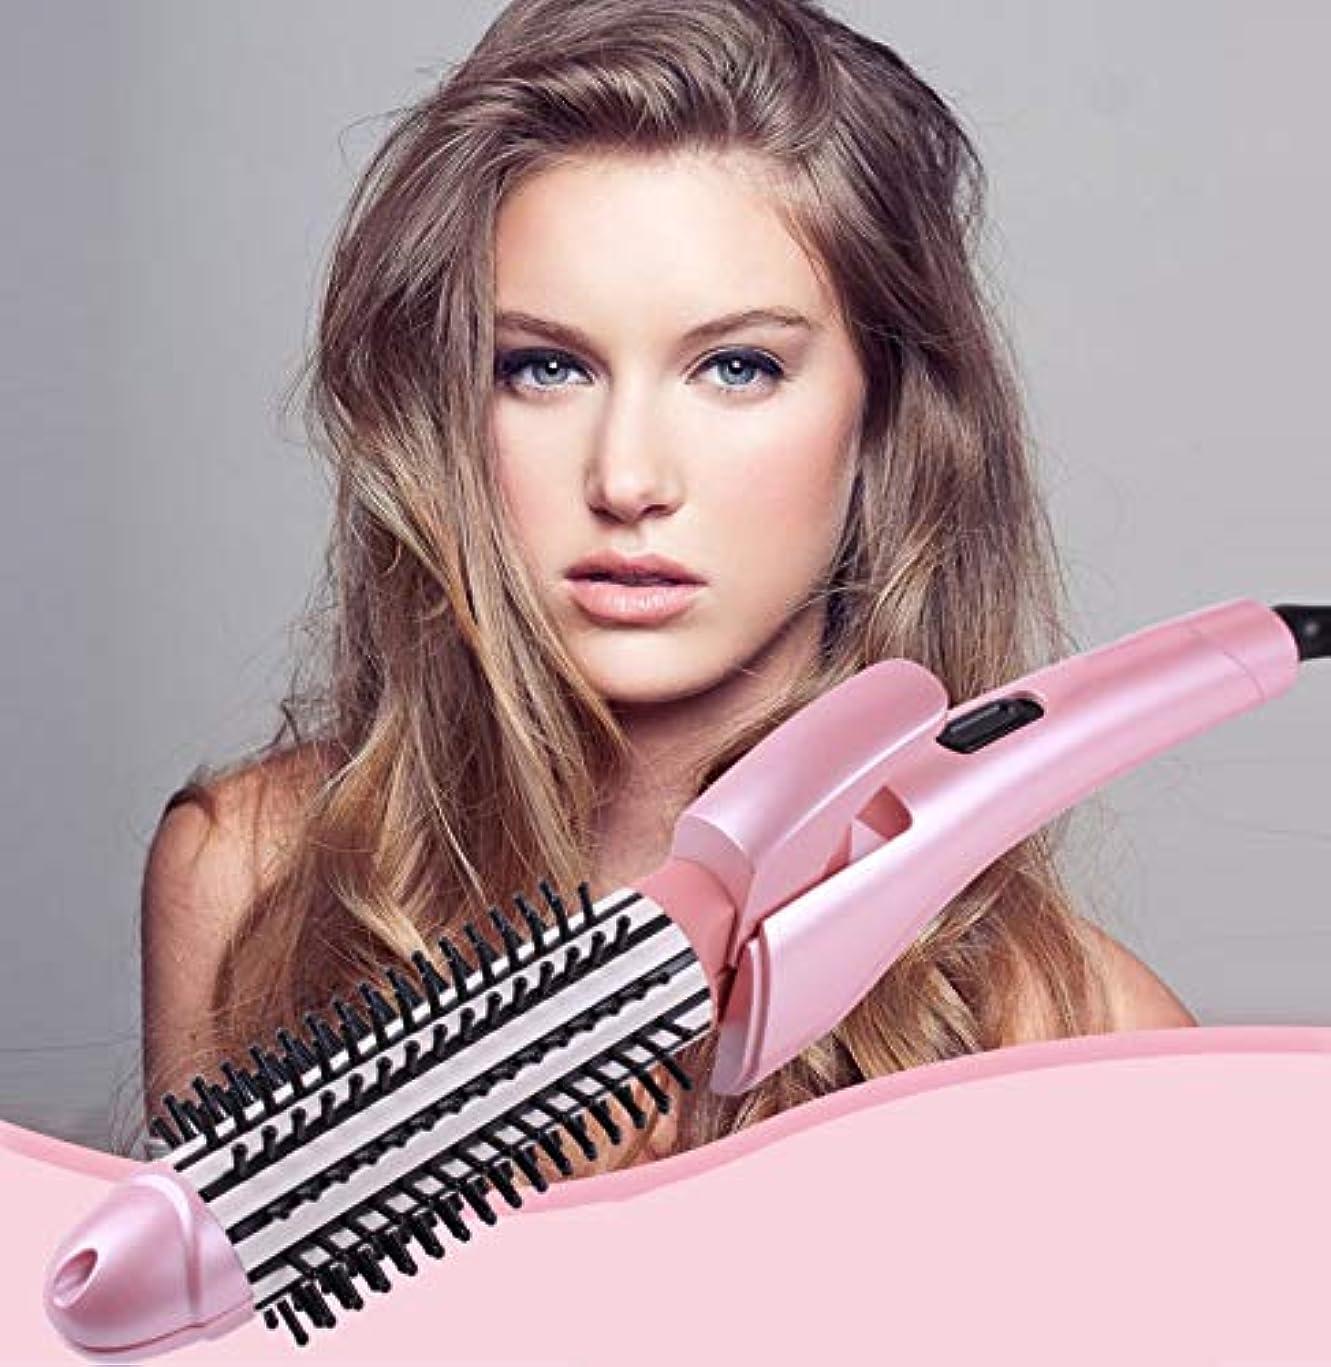 からに変化する弾力性のある積極的に折りたたみ調整ミニポータブルベルト2 in 1巻き毛くしストレートヘアスティック(ピンク)